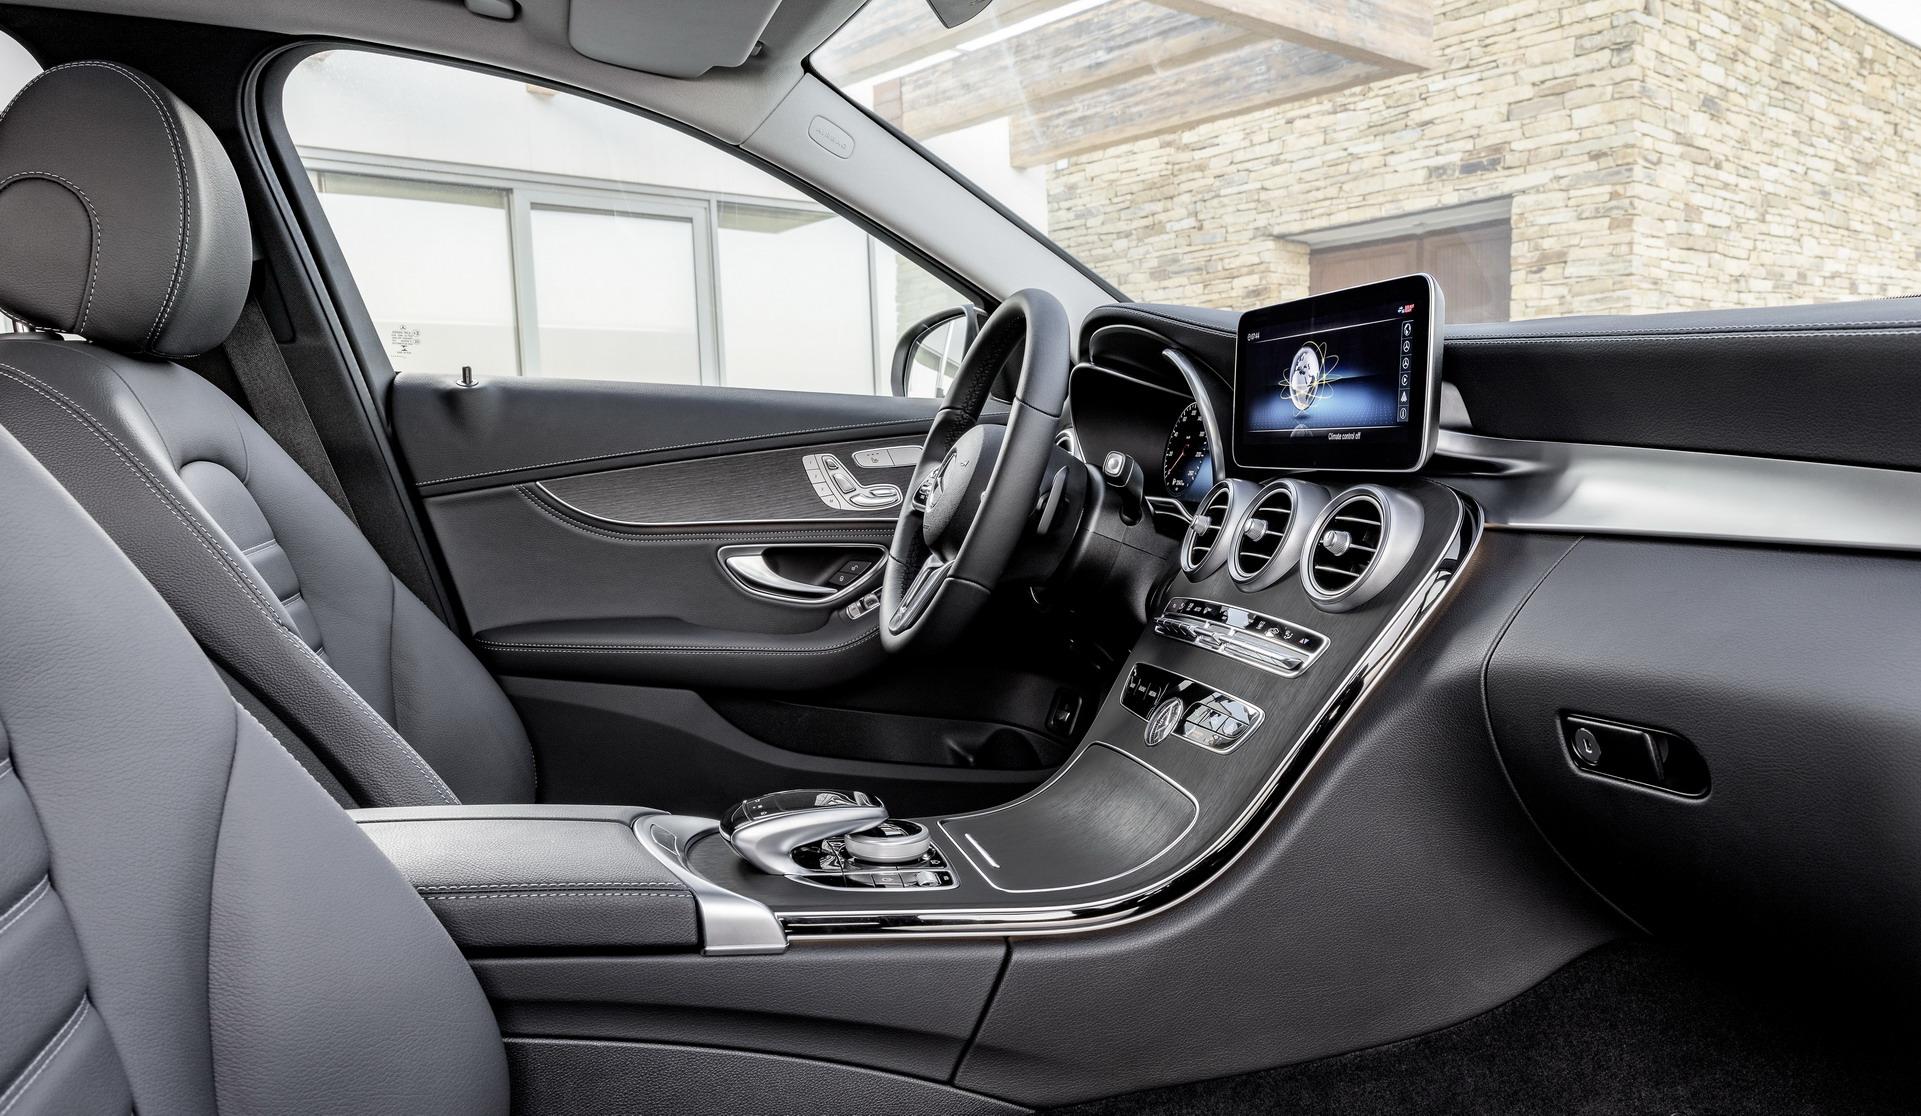 2019-Merceedes-Benz-C-Class-Facelift-10.jpg